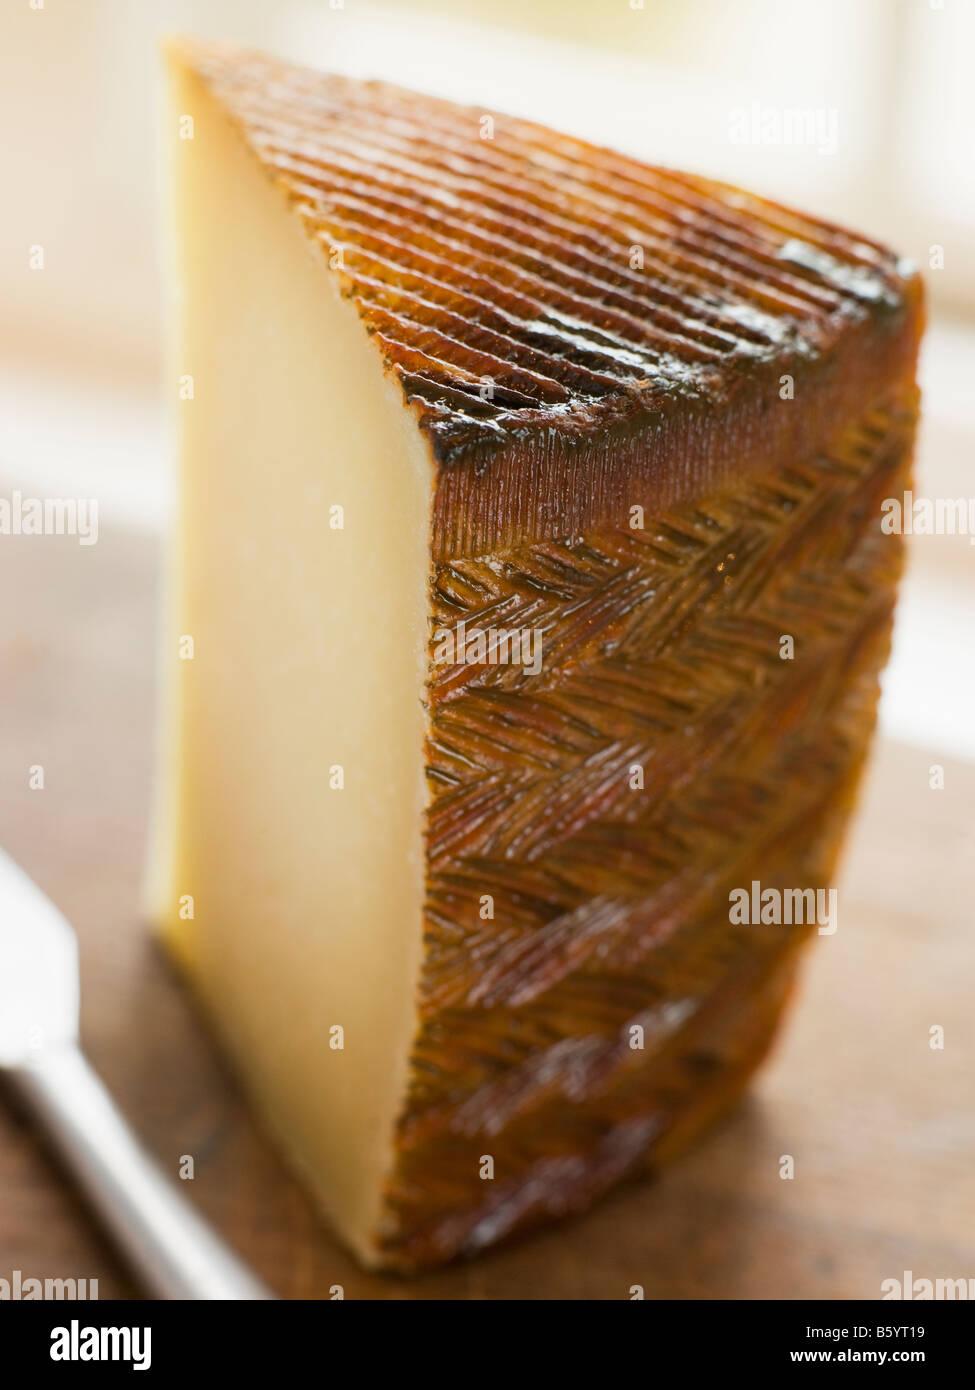 Keil von Manchego-Käse Stockbild